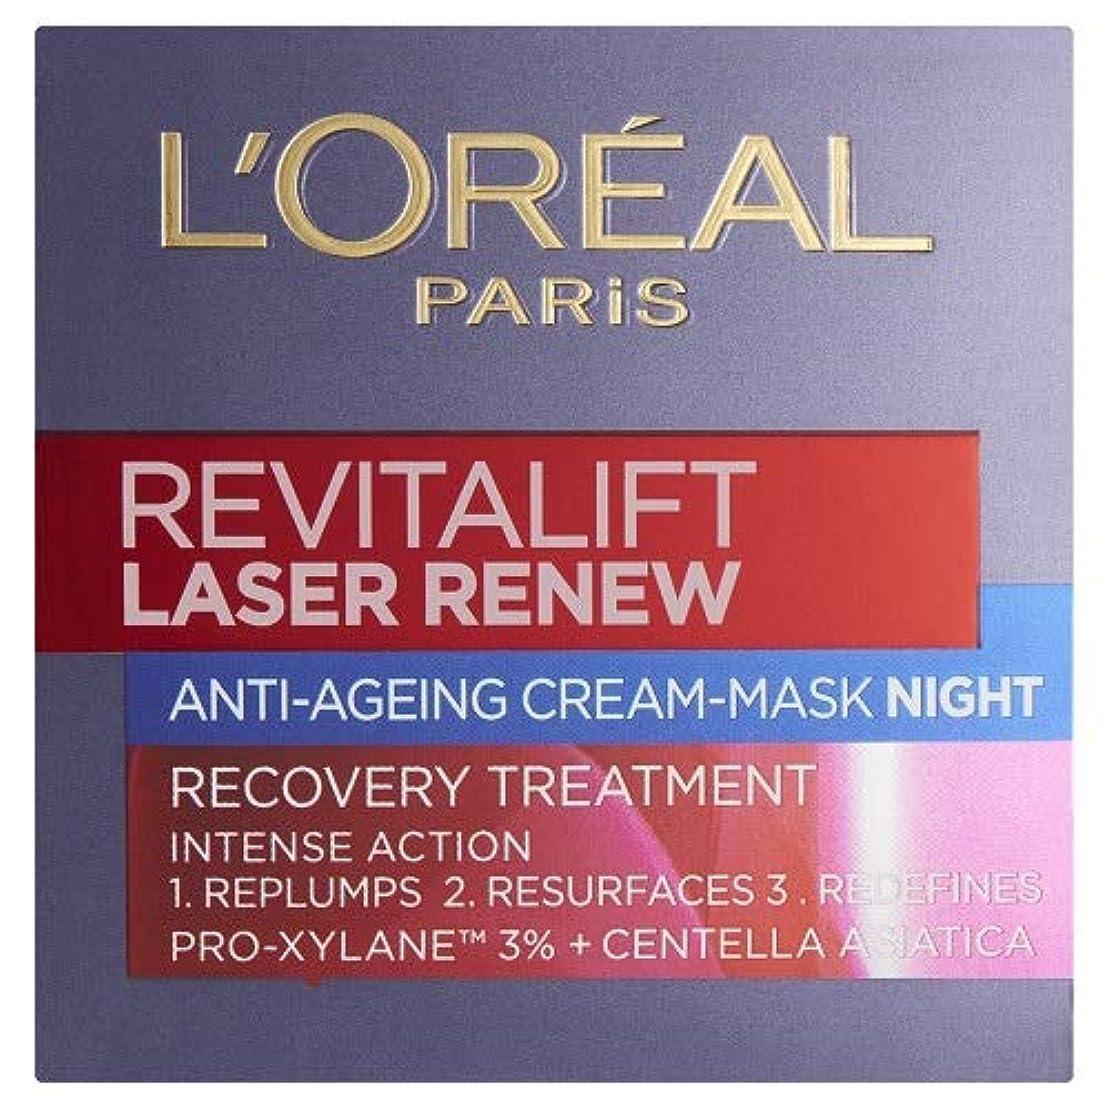 海ランダム慎重L'Oreal Paris Revitalift Laser Renew Night Cream (50ml) パリrevitaliftレーザーはナイトクリームを更新l'オラ?ら( 50ミリリットル)